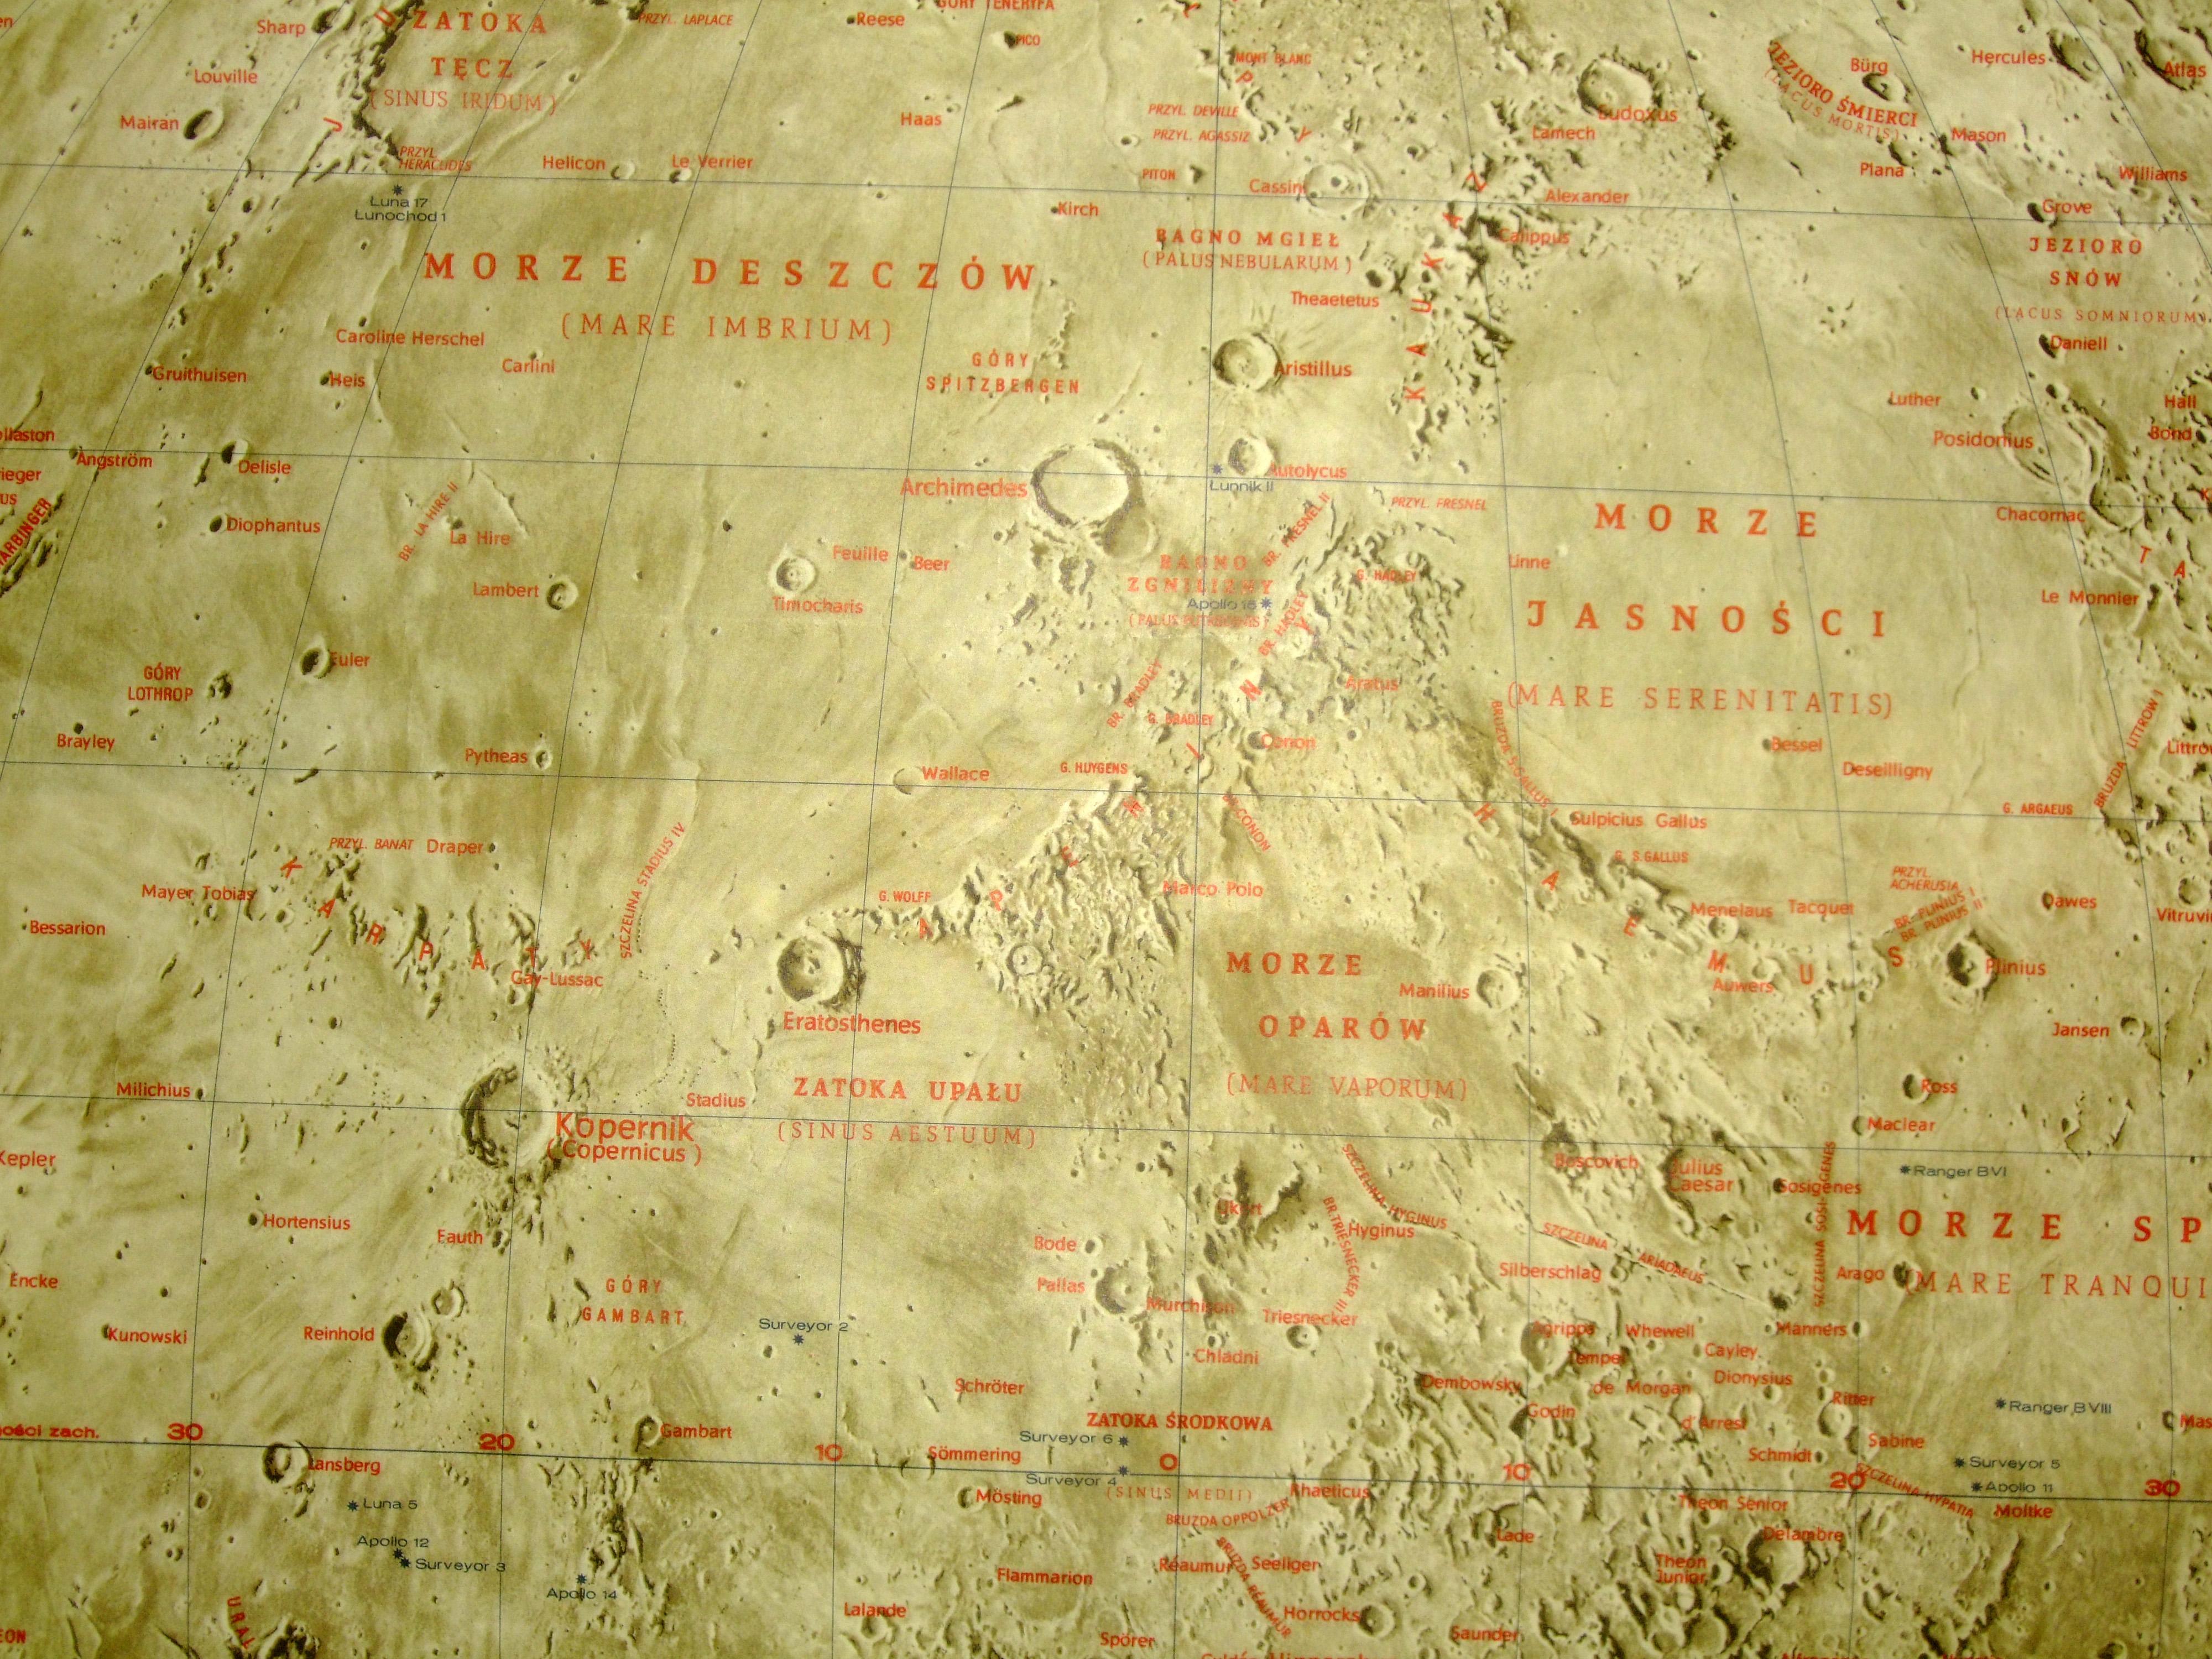 ksiezych_moon_map_2